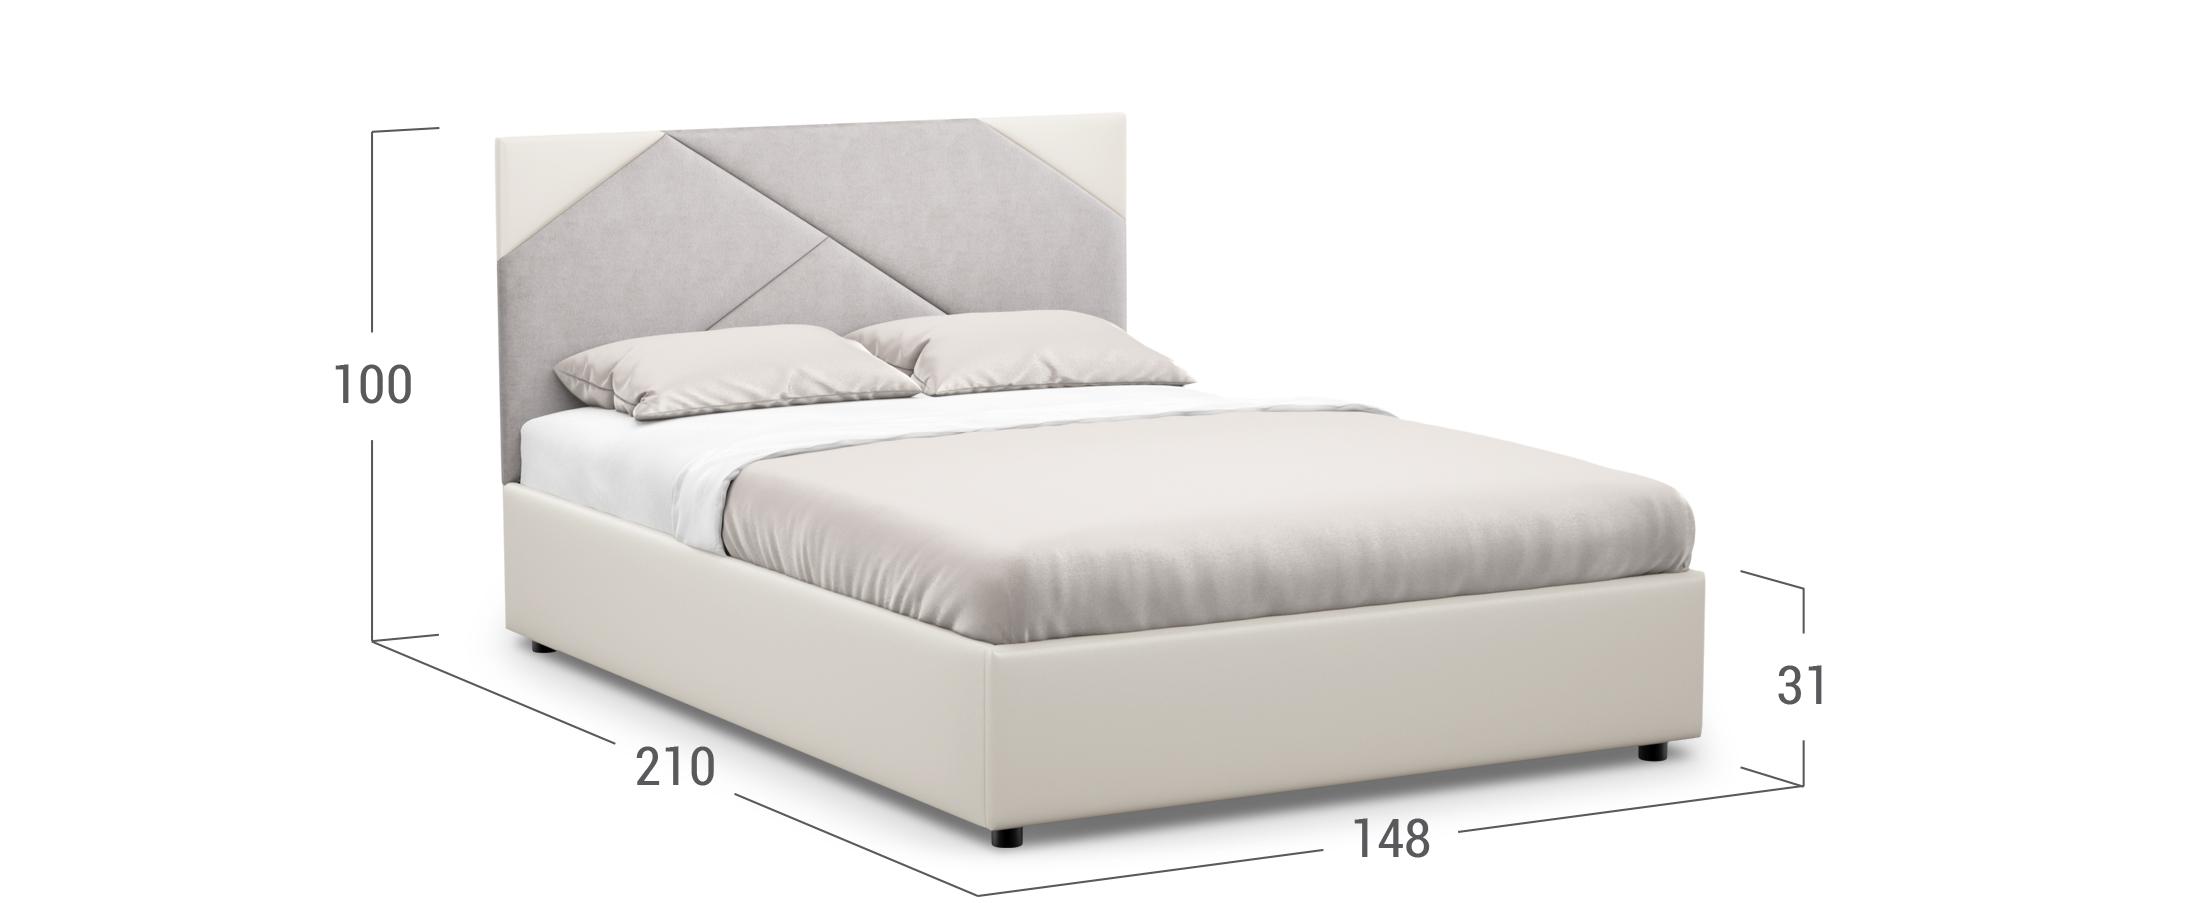 Кровать двуспальная MOON FAMILY 1226 140х200